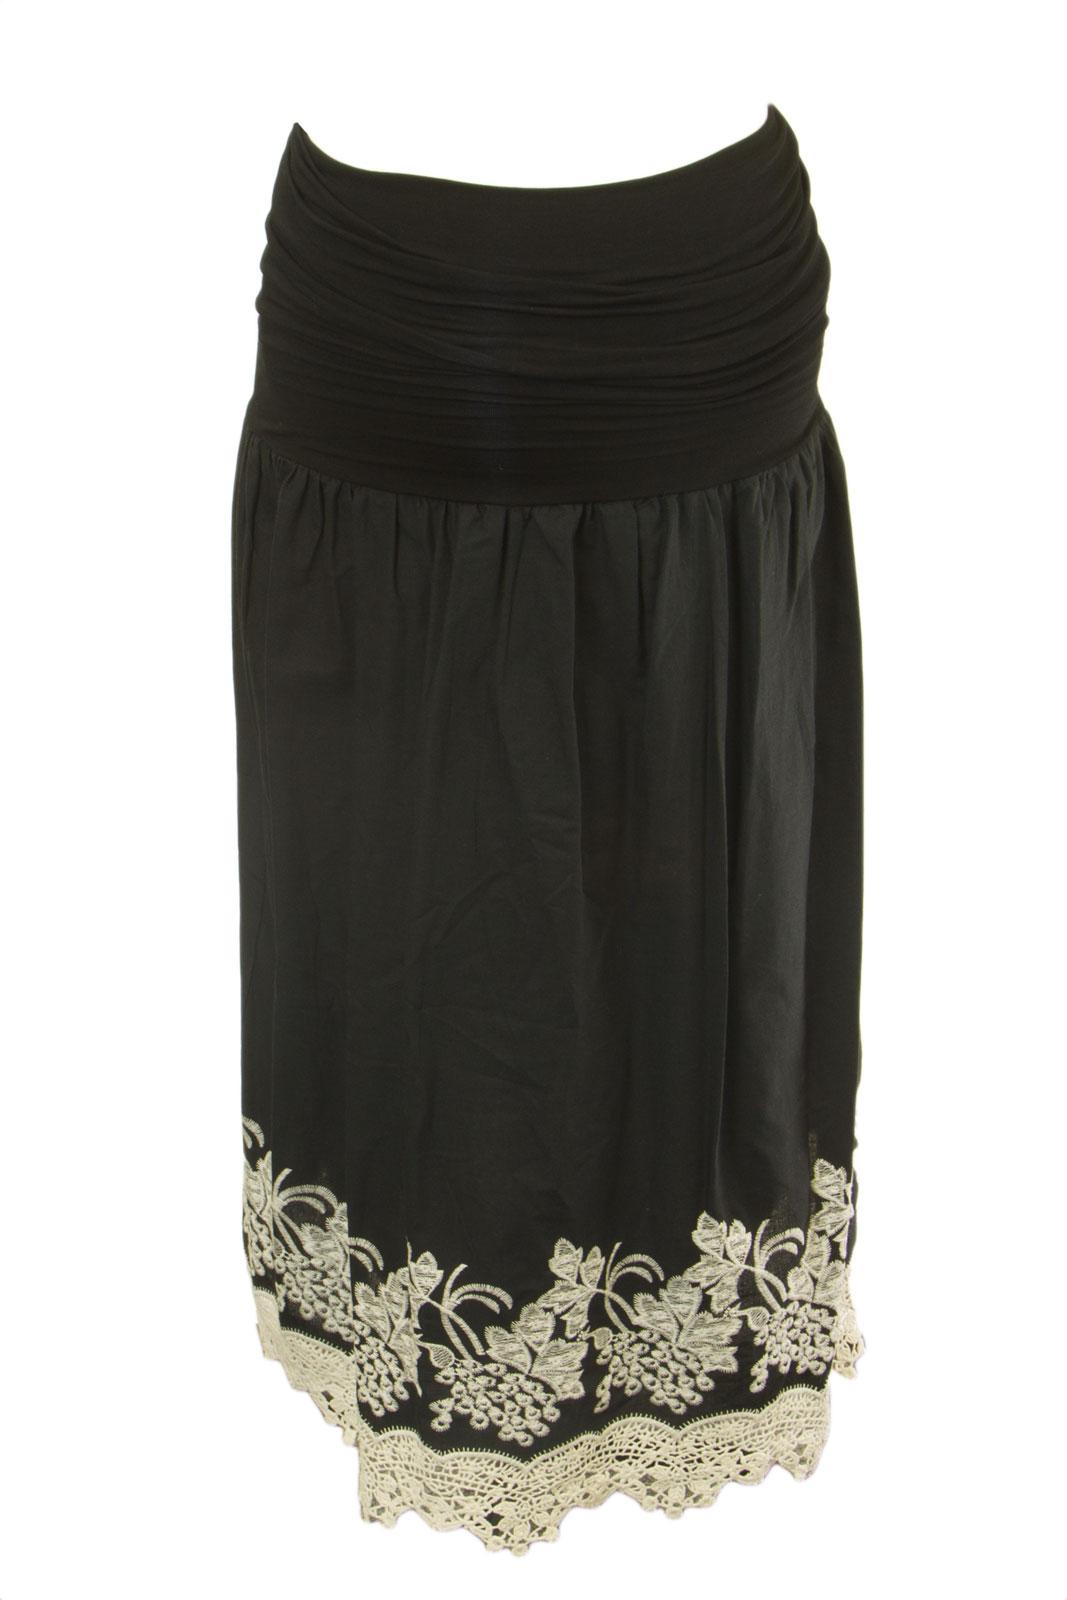 OLIAN Maternity Women's Black Crochet Trim A-Line Skirt H21713 by H21713